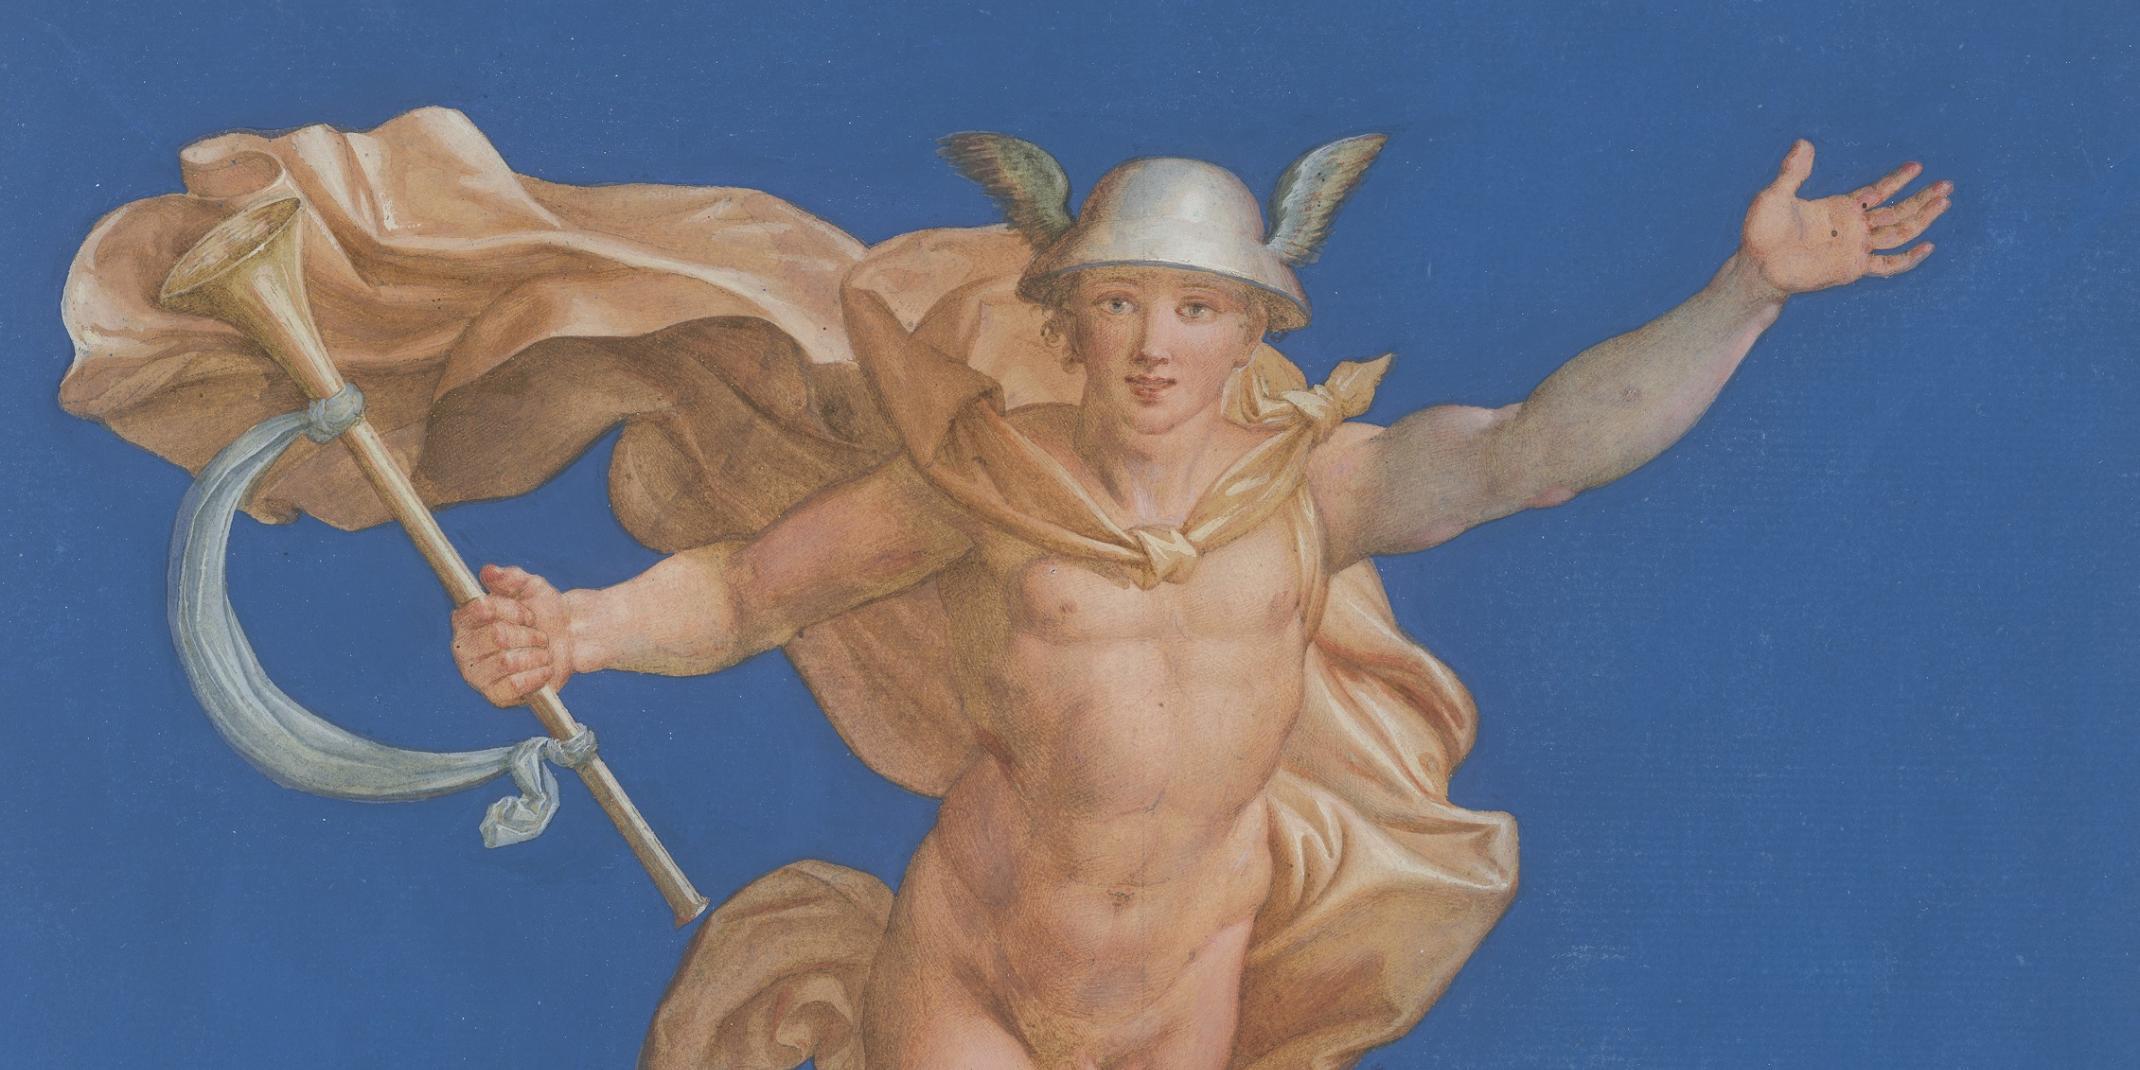 Erwin Speckter, (1806 - 1835), Zeichner nach Raffael (1483-1520), Mercurio, Zeichnung, © Hamburger Kunsthalle / bpk  Foto: Christoph Irrgang